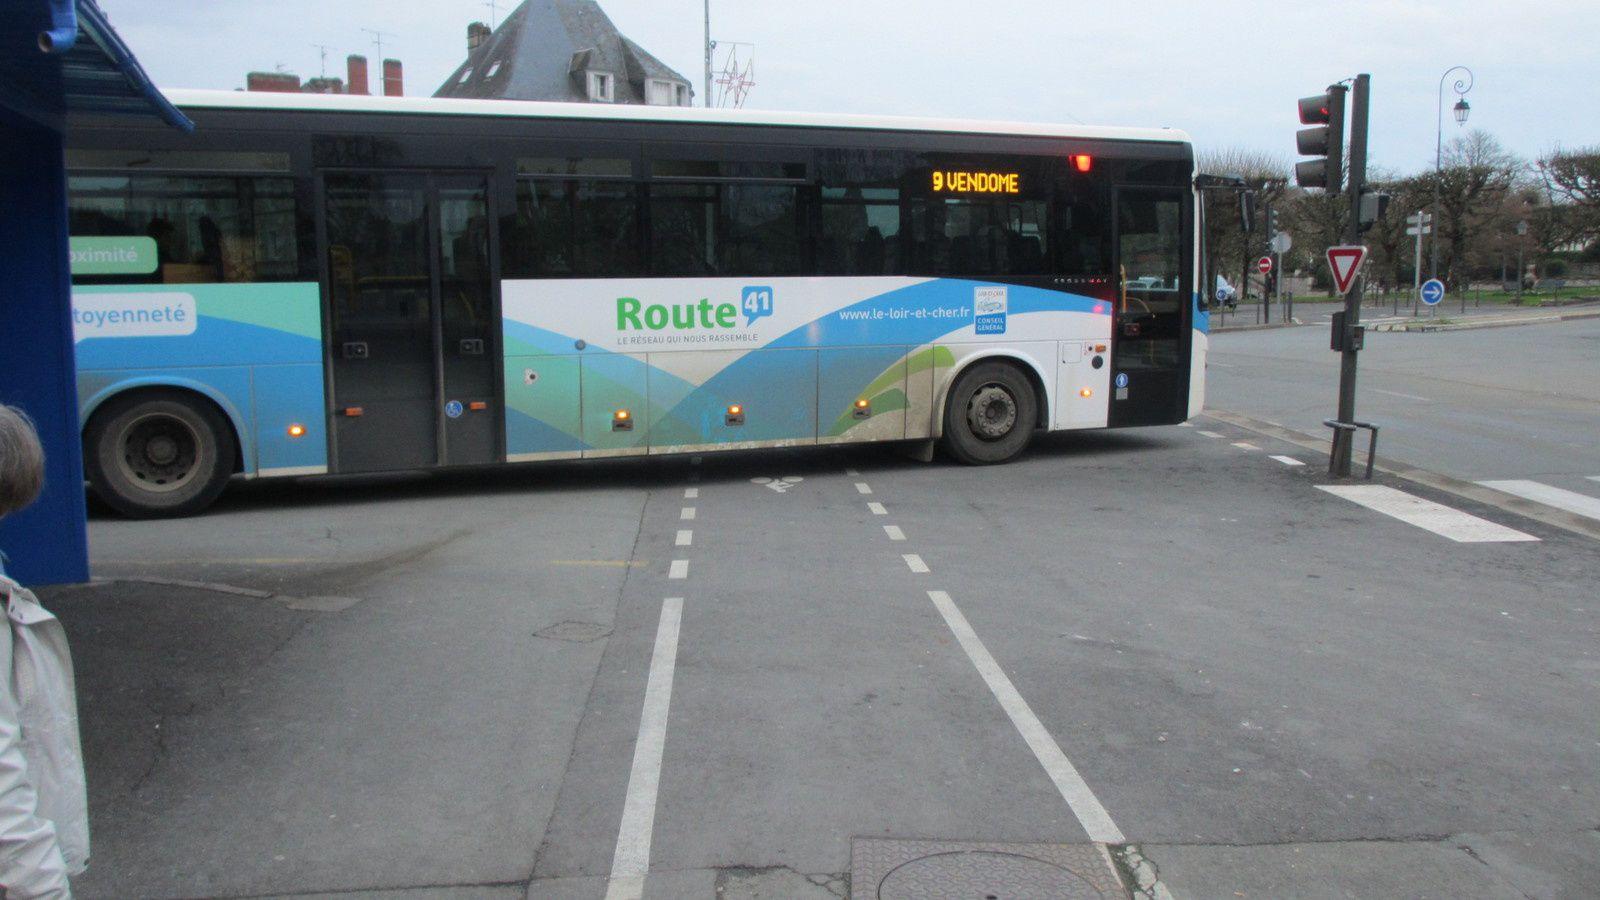 Les usagers vulnérables passent devant (dans l'angle mort) ou derrière (autre angle mort) pour peu que le bus recule ? Combien de fois par jour, cette situation à risque est-elle amenée à se reproduire ?